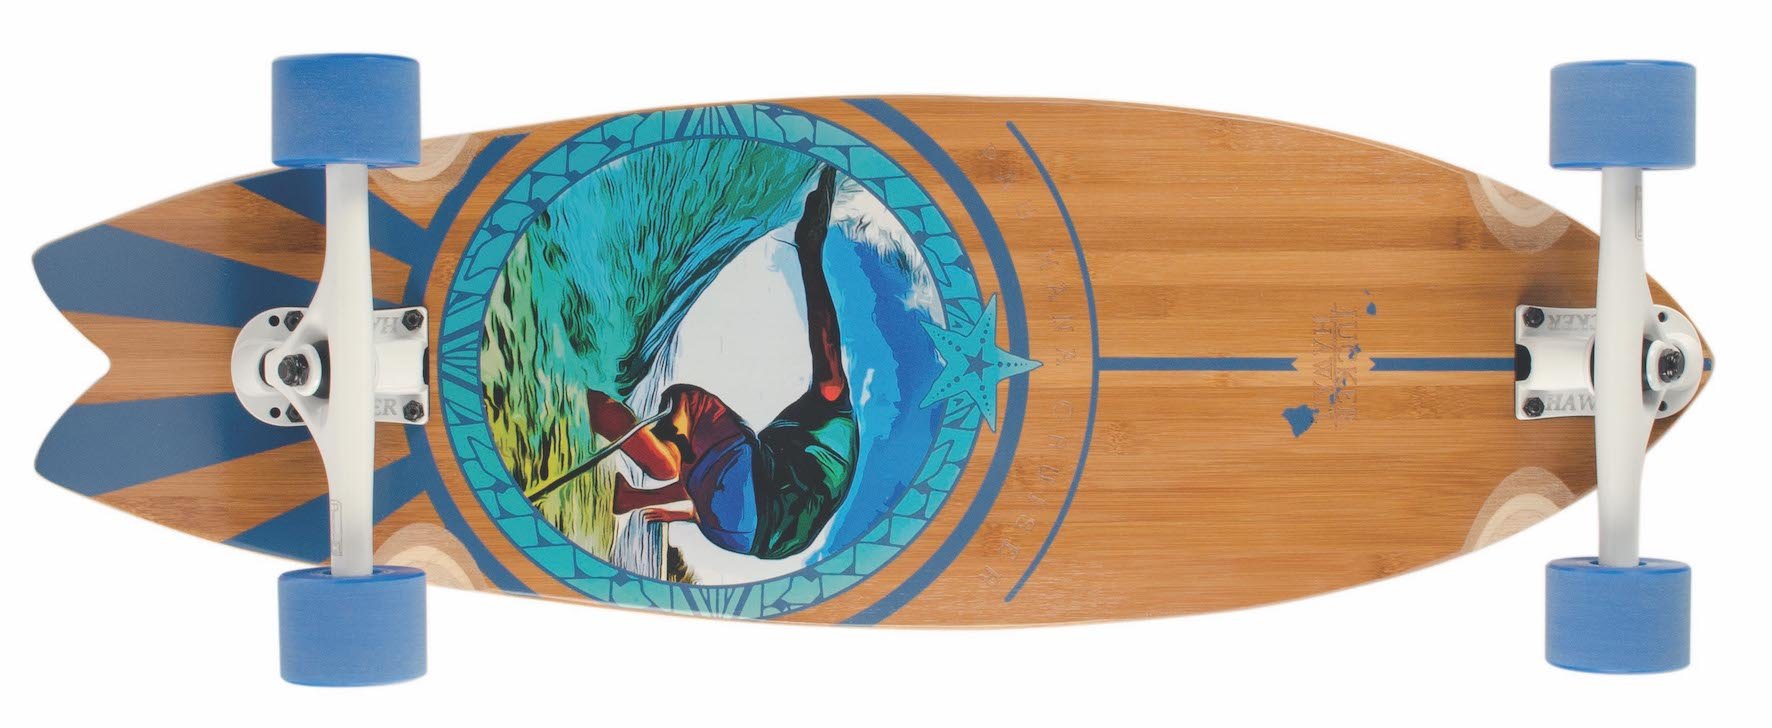 Jucker Hawaii SS20 Longboards